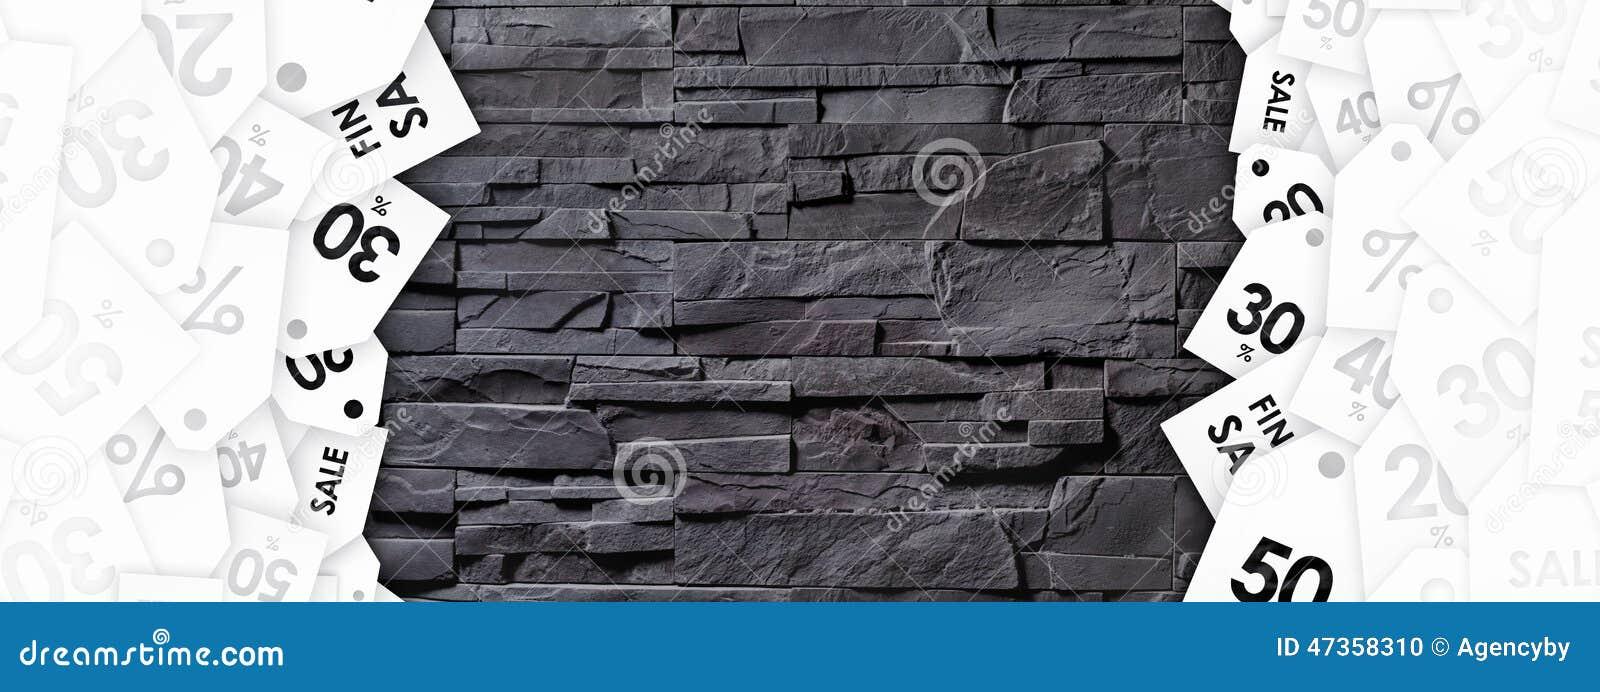 Бирки скидки на текстуре каменной стены